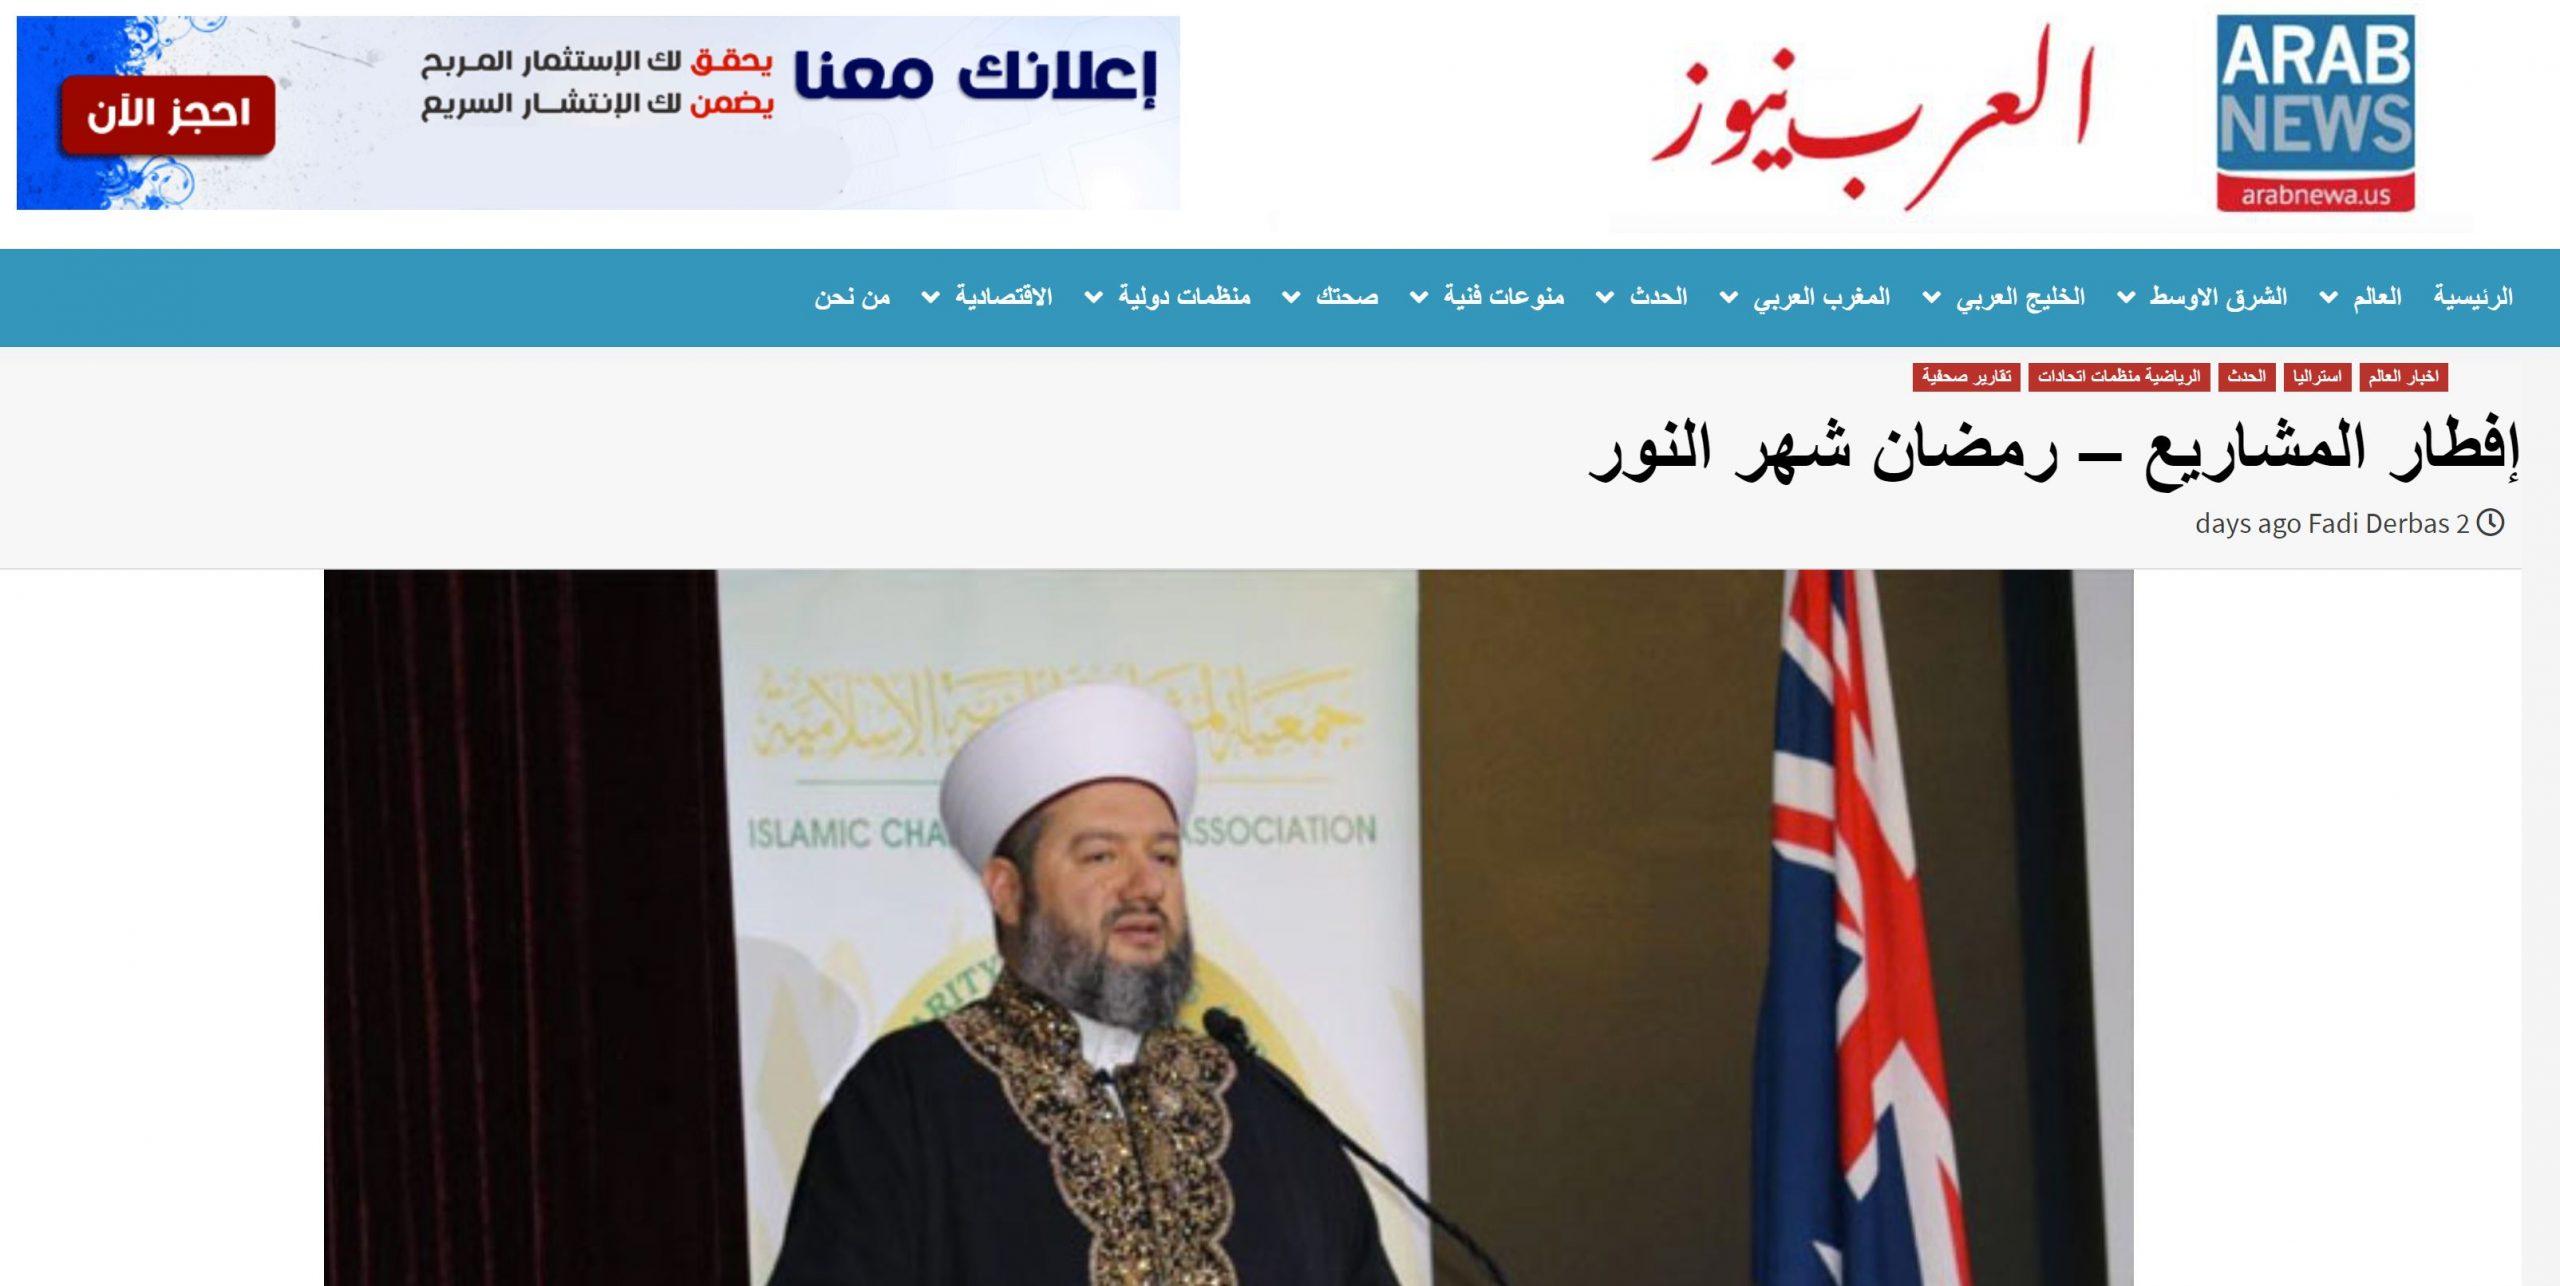 Al Arab News - ICPA Iftar 2021